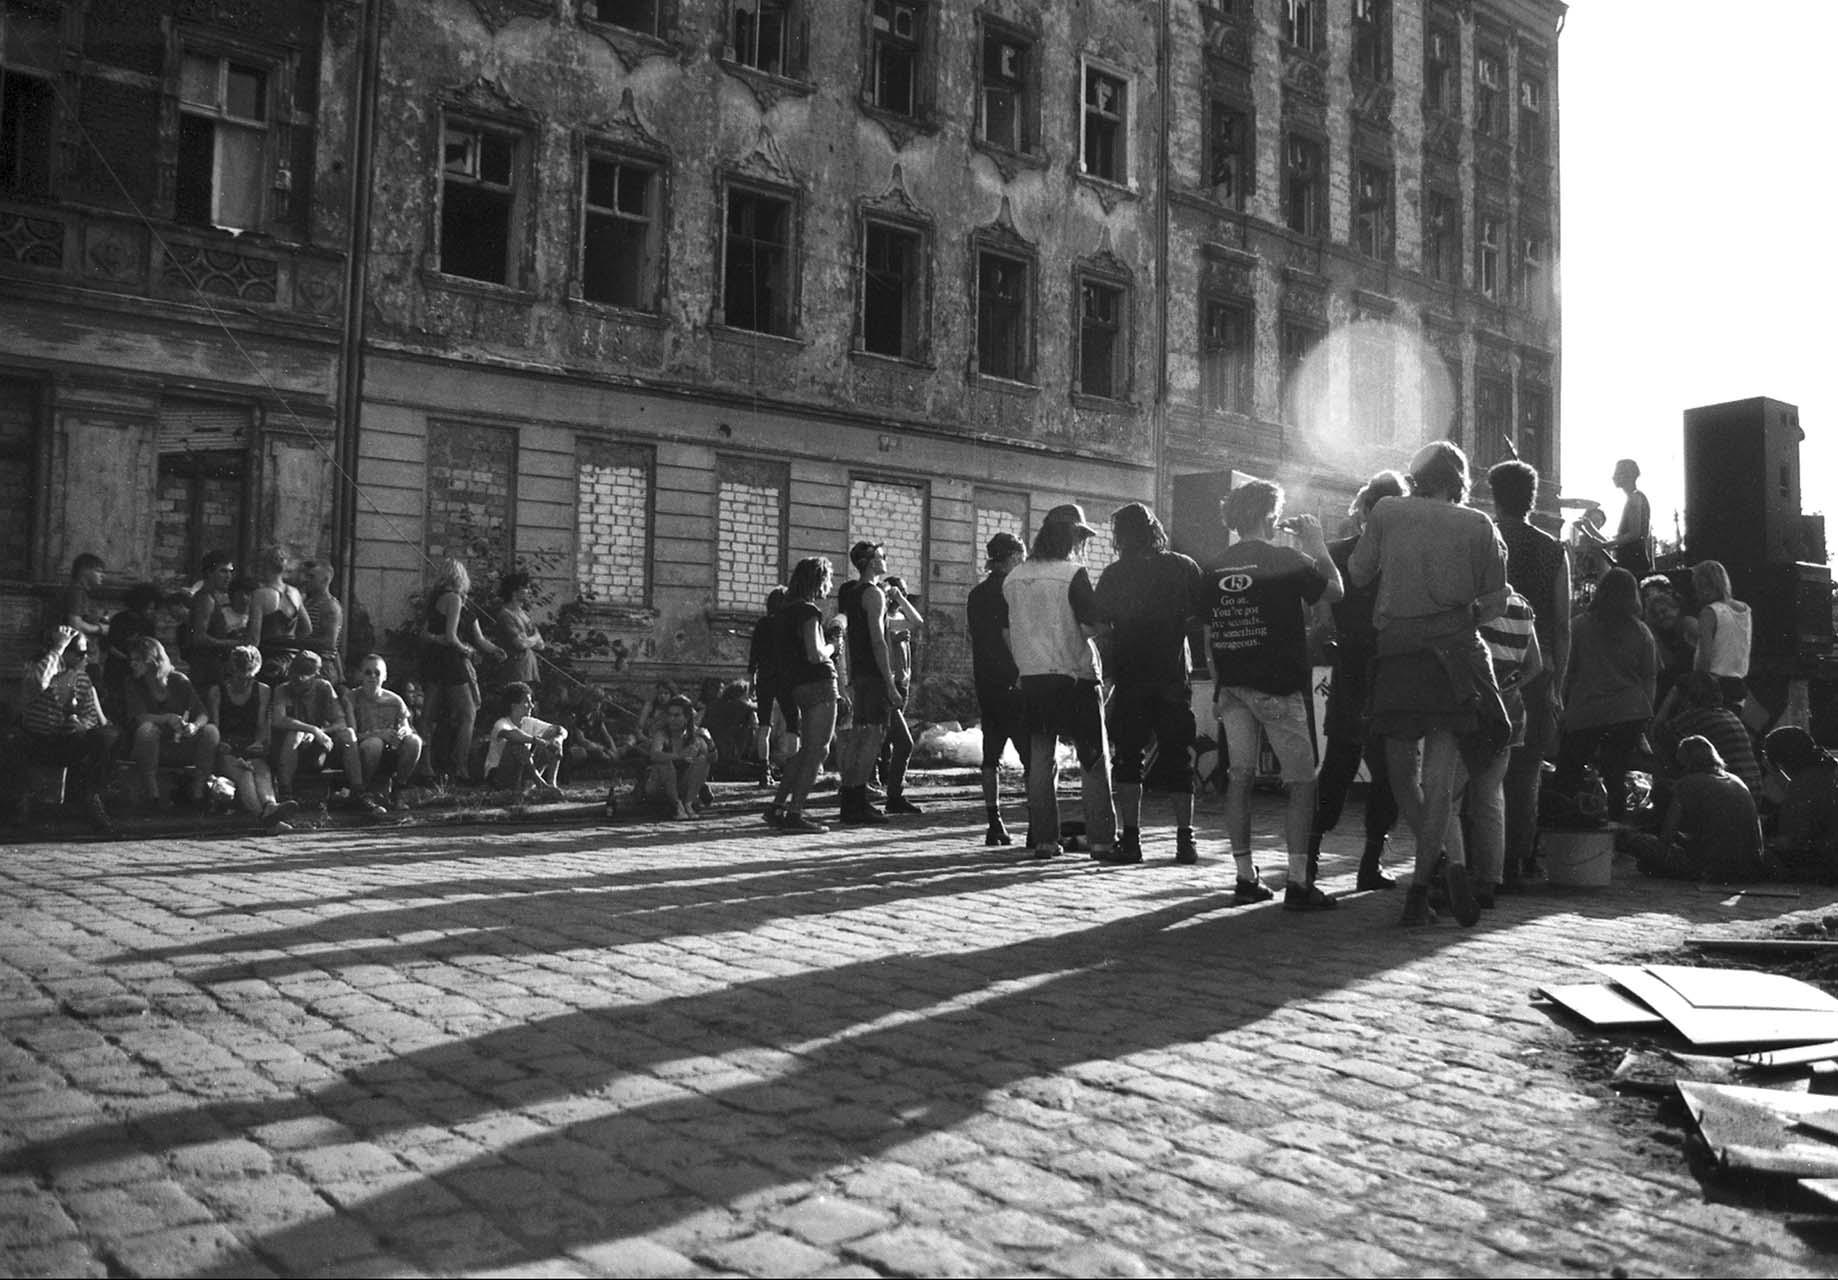 Straßenfest in der Pfarrstraße 1992. Trotz des gravierenden Leerstands wurden Neubsetzungen sofort geräumt. Foto: Marco Krojač